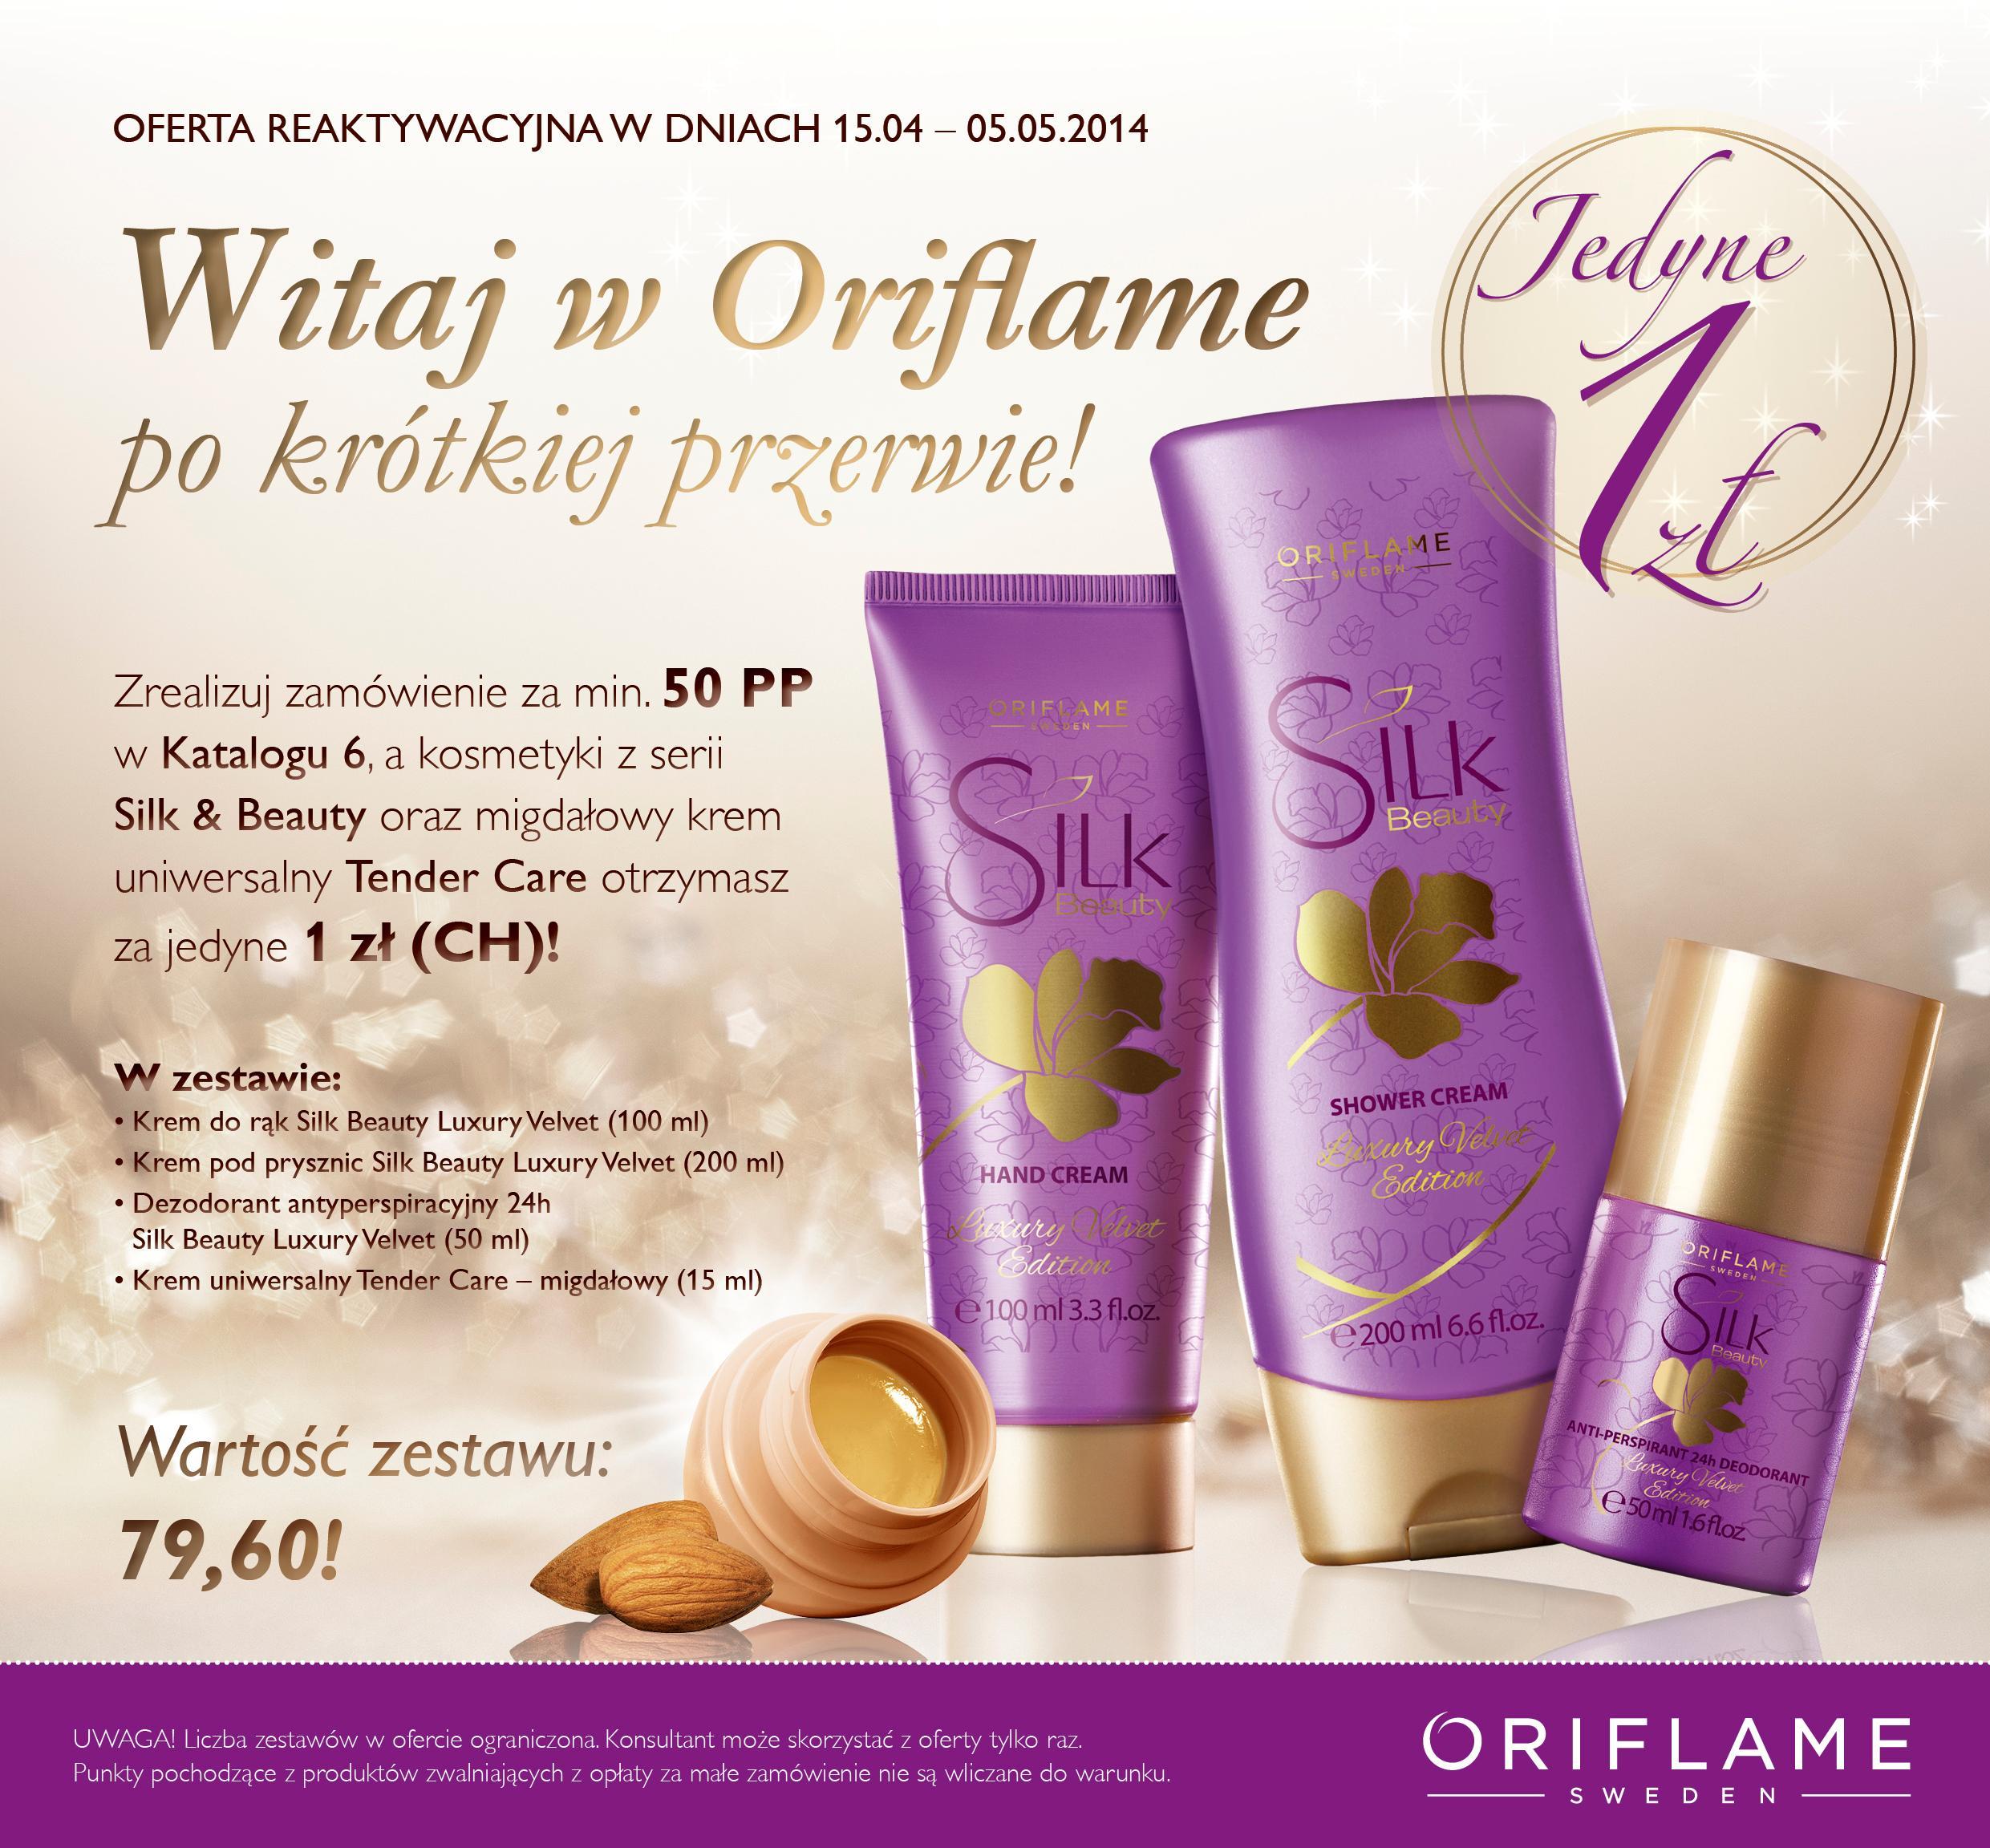 Katalog Oriflame 6 2014 oferta reaktywacyjna